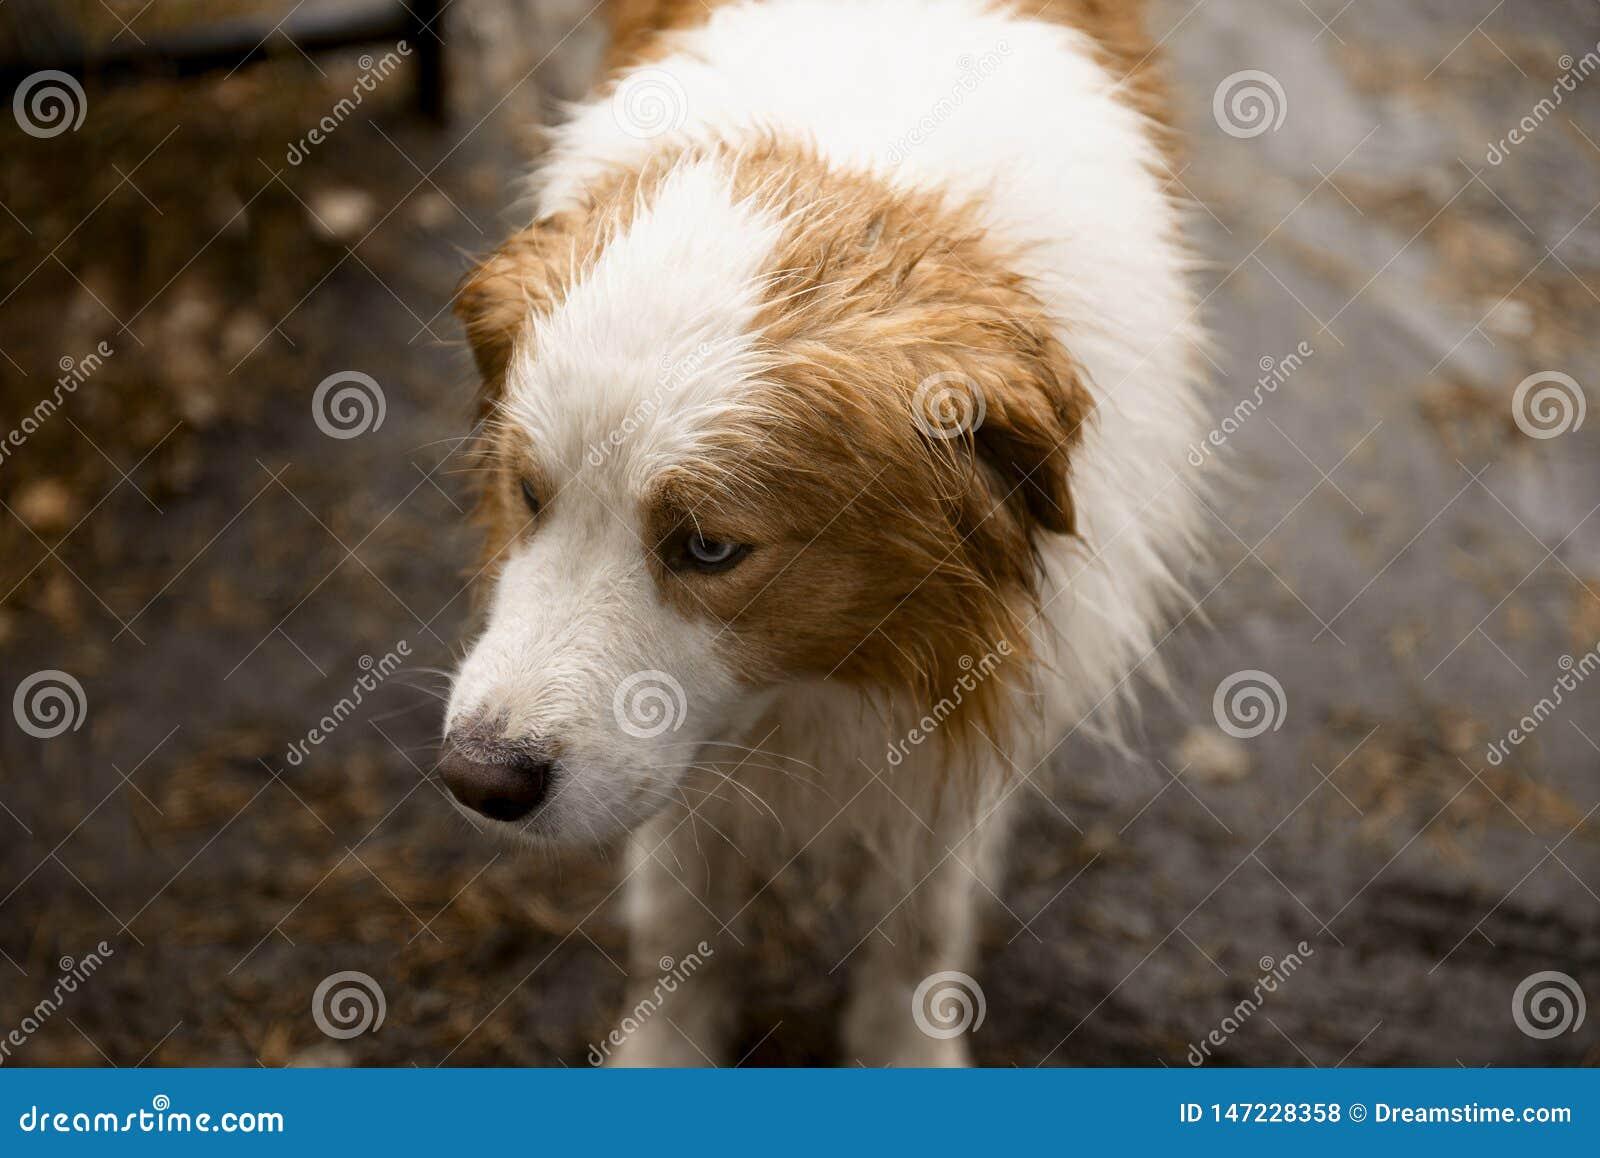 Σκυλί με την κόκκινη κινηματογράφηση σε πρώτο πλάνο σημείων